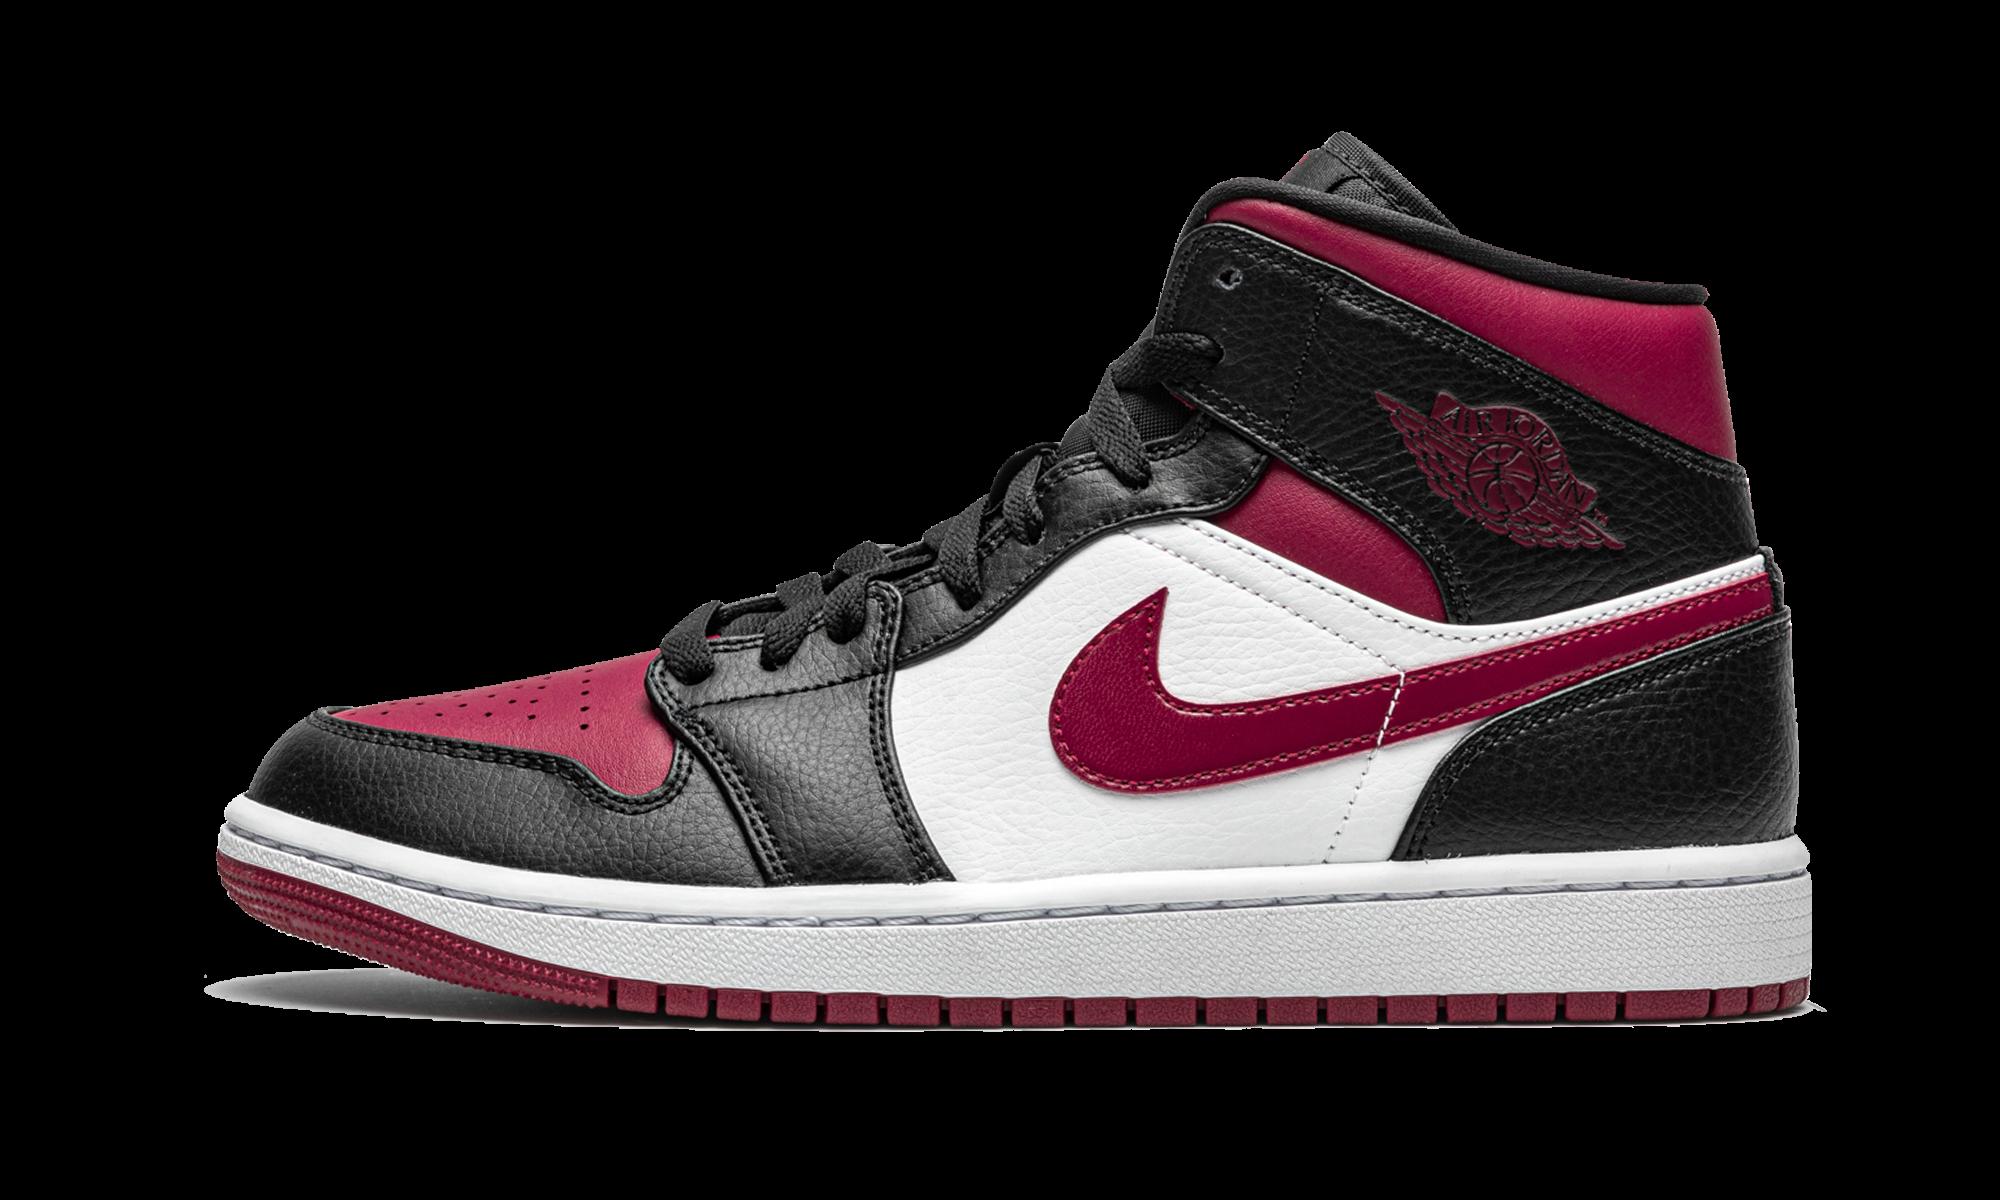 Air Jordan 1 Mid Bred Toe 554724 066 2020 In 2020 Air Jordans Retro Basketball Shoes Jordans